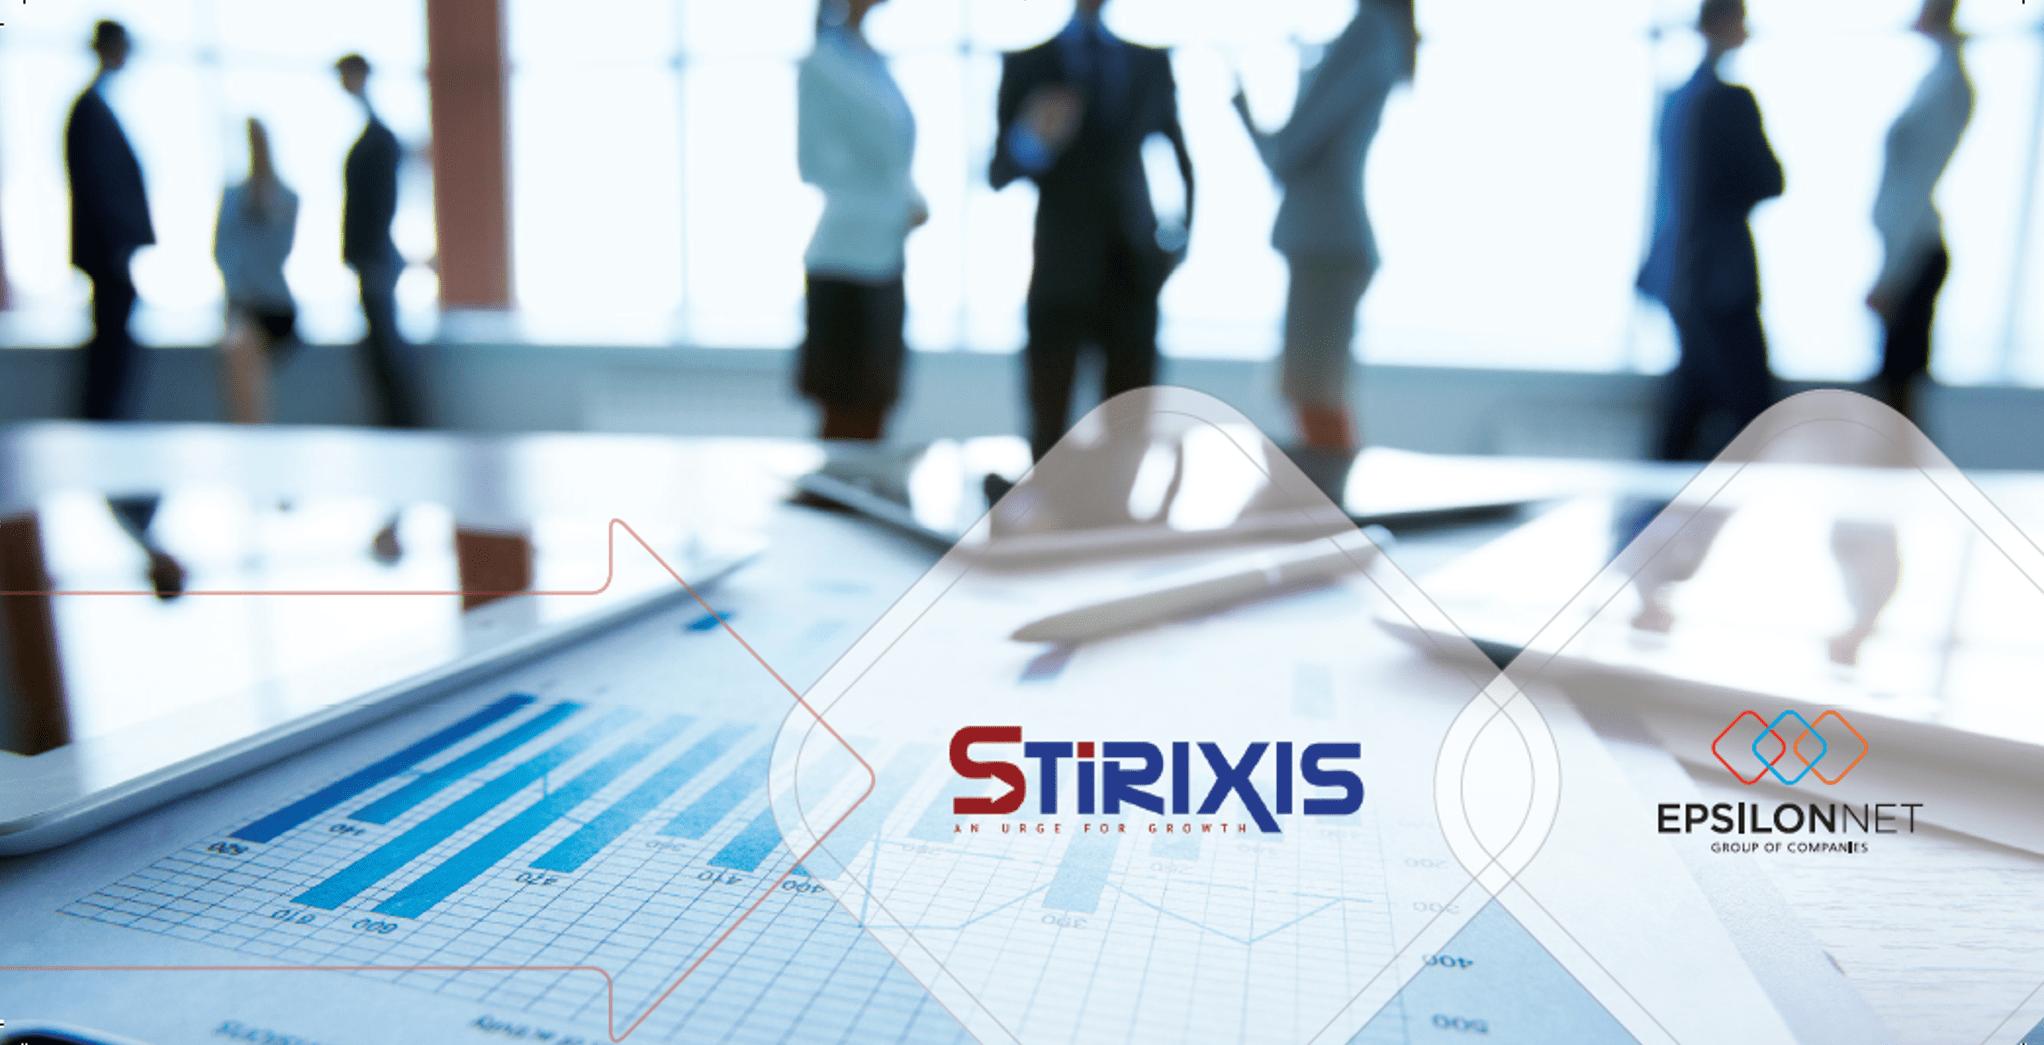 Δελτίο Τύπου – Η Stirixis Goldpartner της Epsilon Net για έβδομη συνεχόμενη χρονιά!